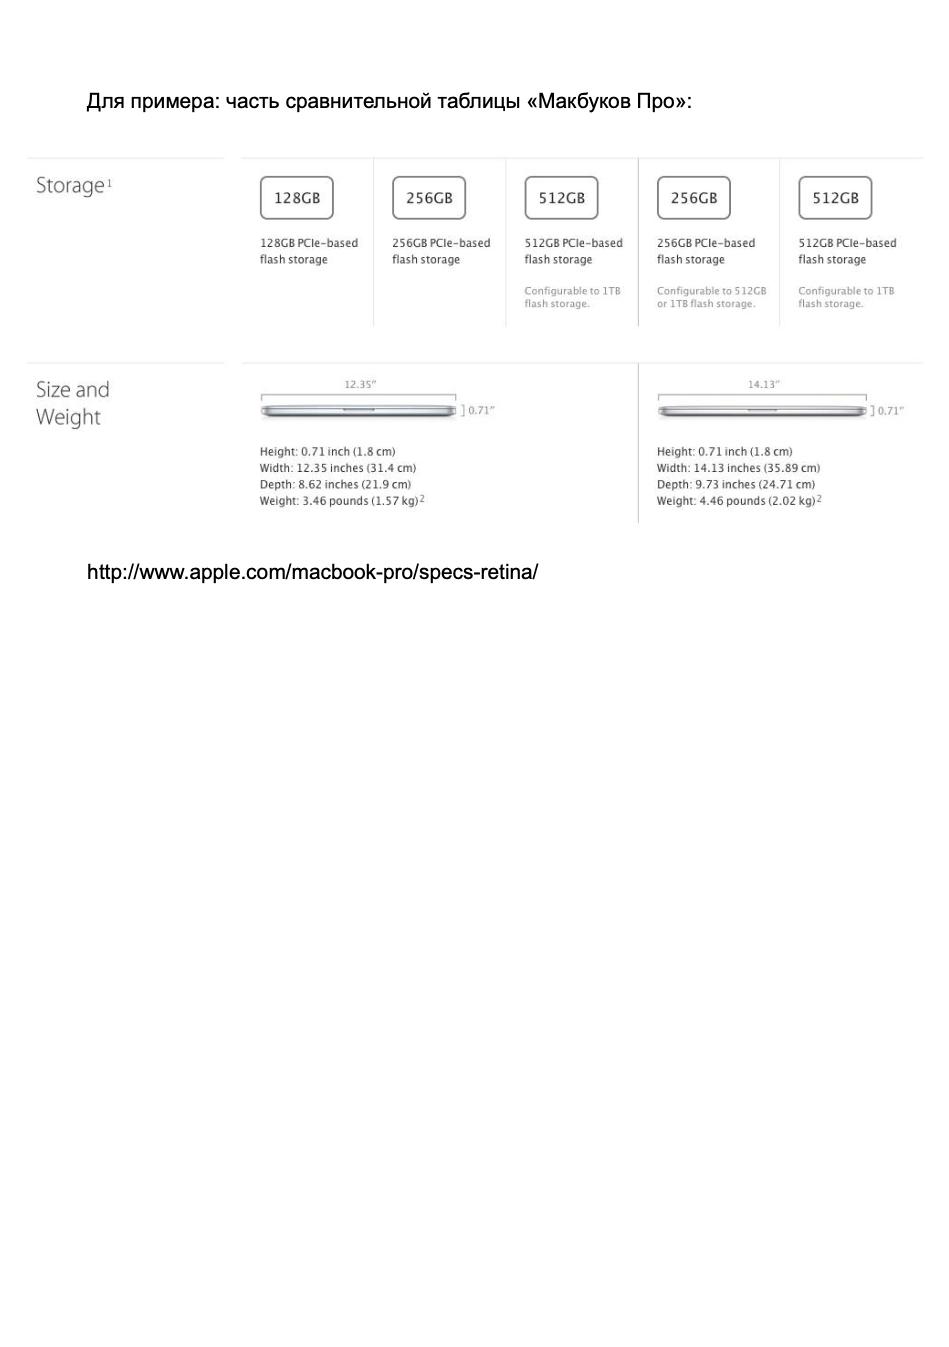 Анализ «Документолога» Сайт Артура Нецветаева — сайты, приложения, прототипы и оформление интерфейсов 14